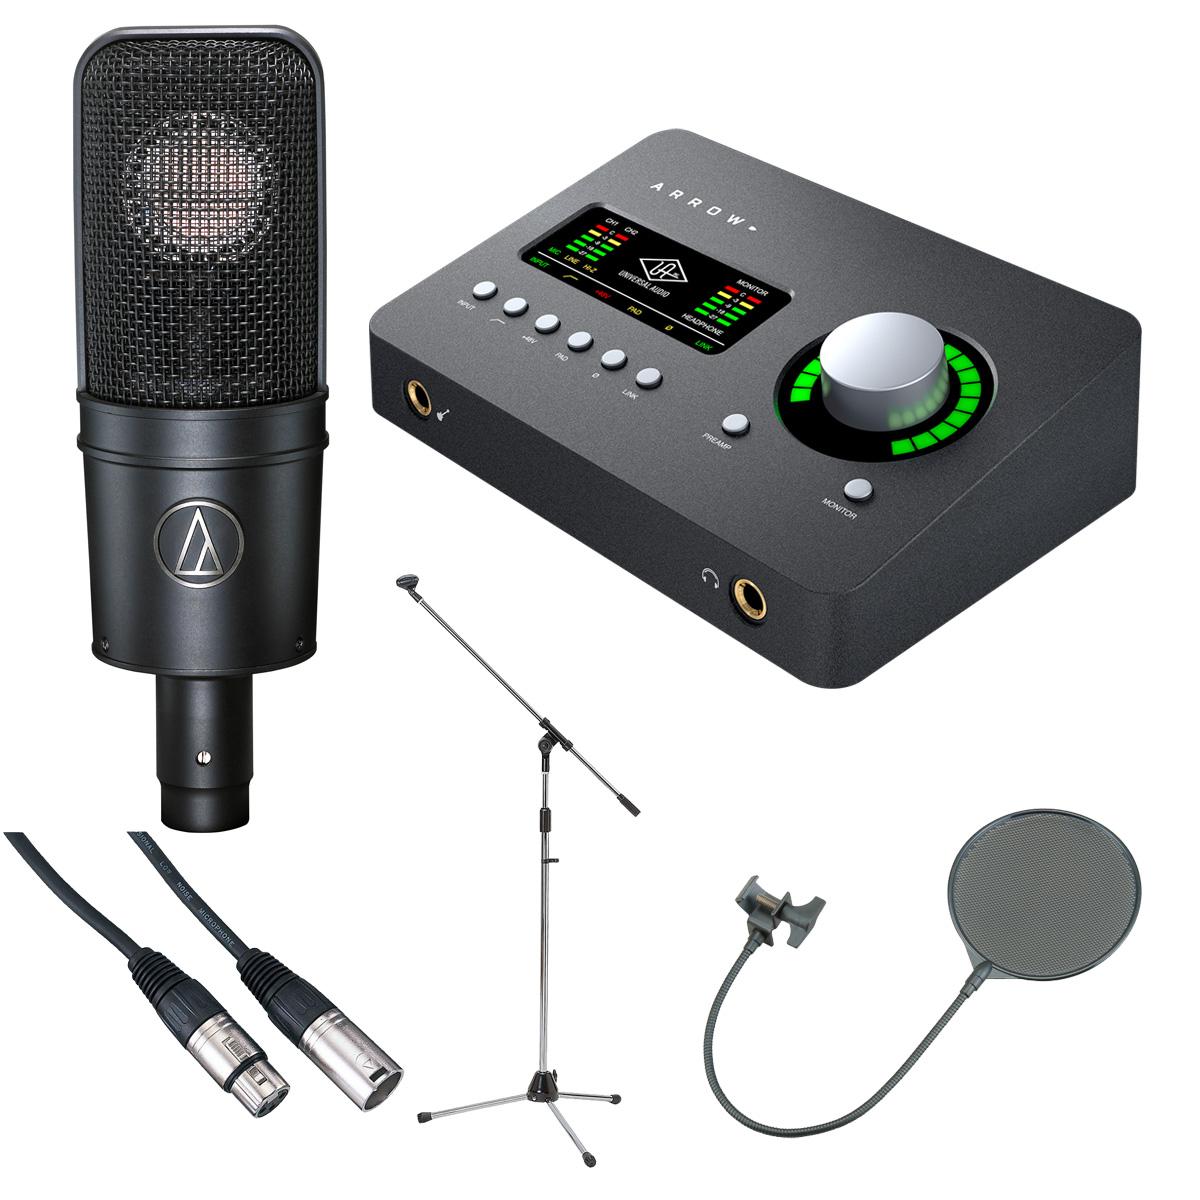 Universal Audio ユニバーサルオーディオ / Arrow 【AT4040マイクセット】 UAD-2 DSP搭載オーディオインターフェース